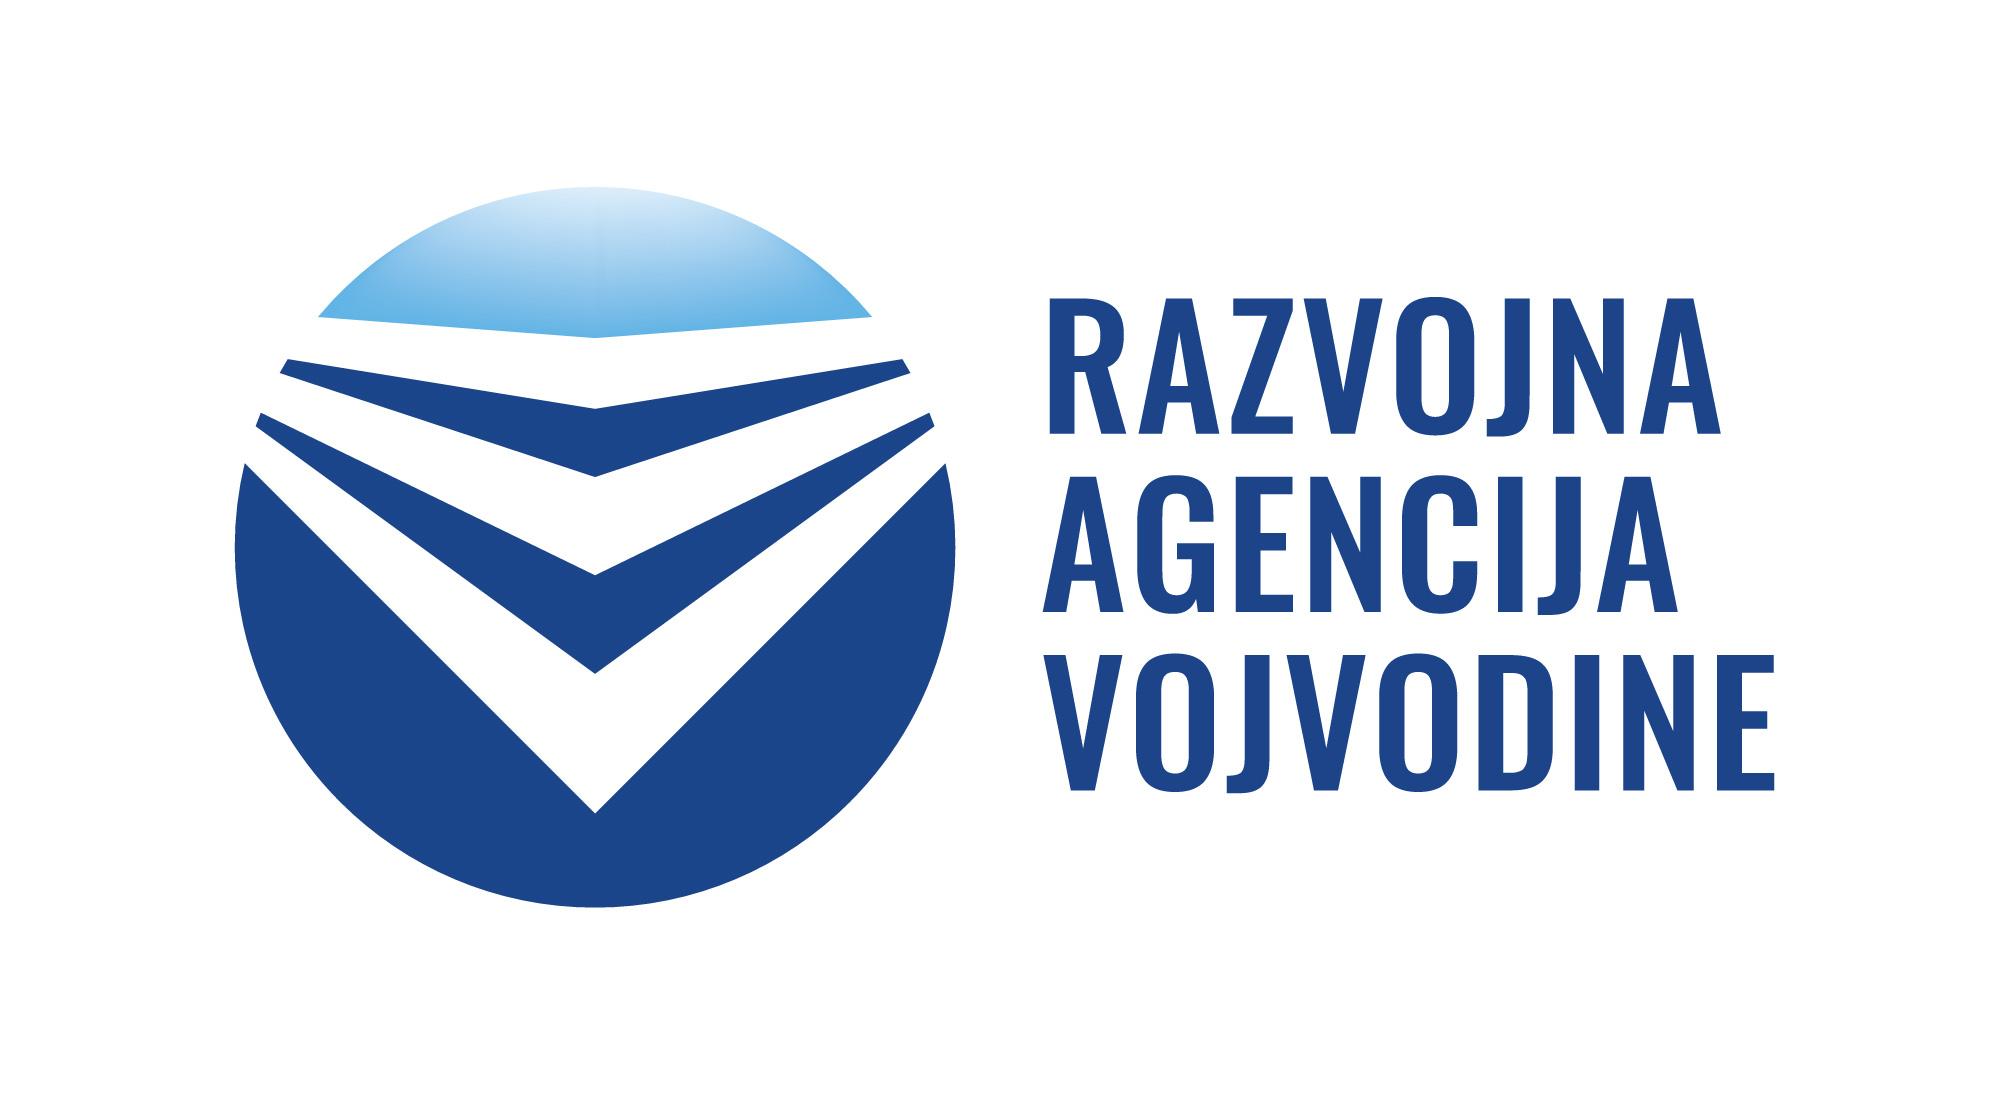 Развојна агенција Војводине